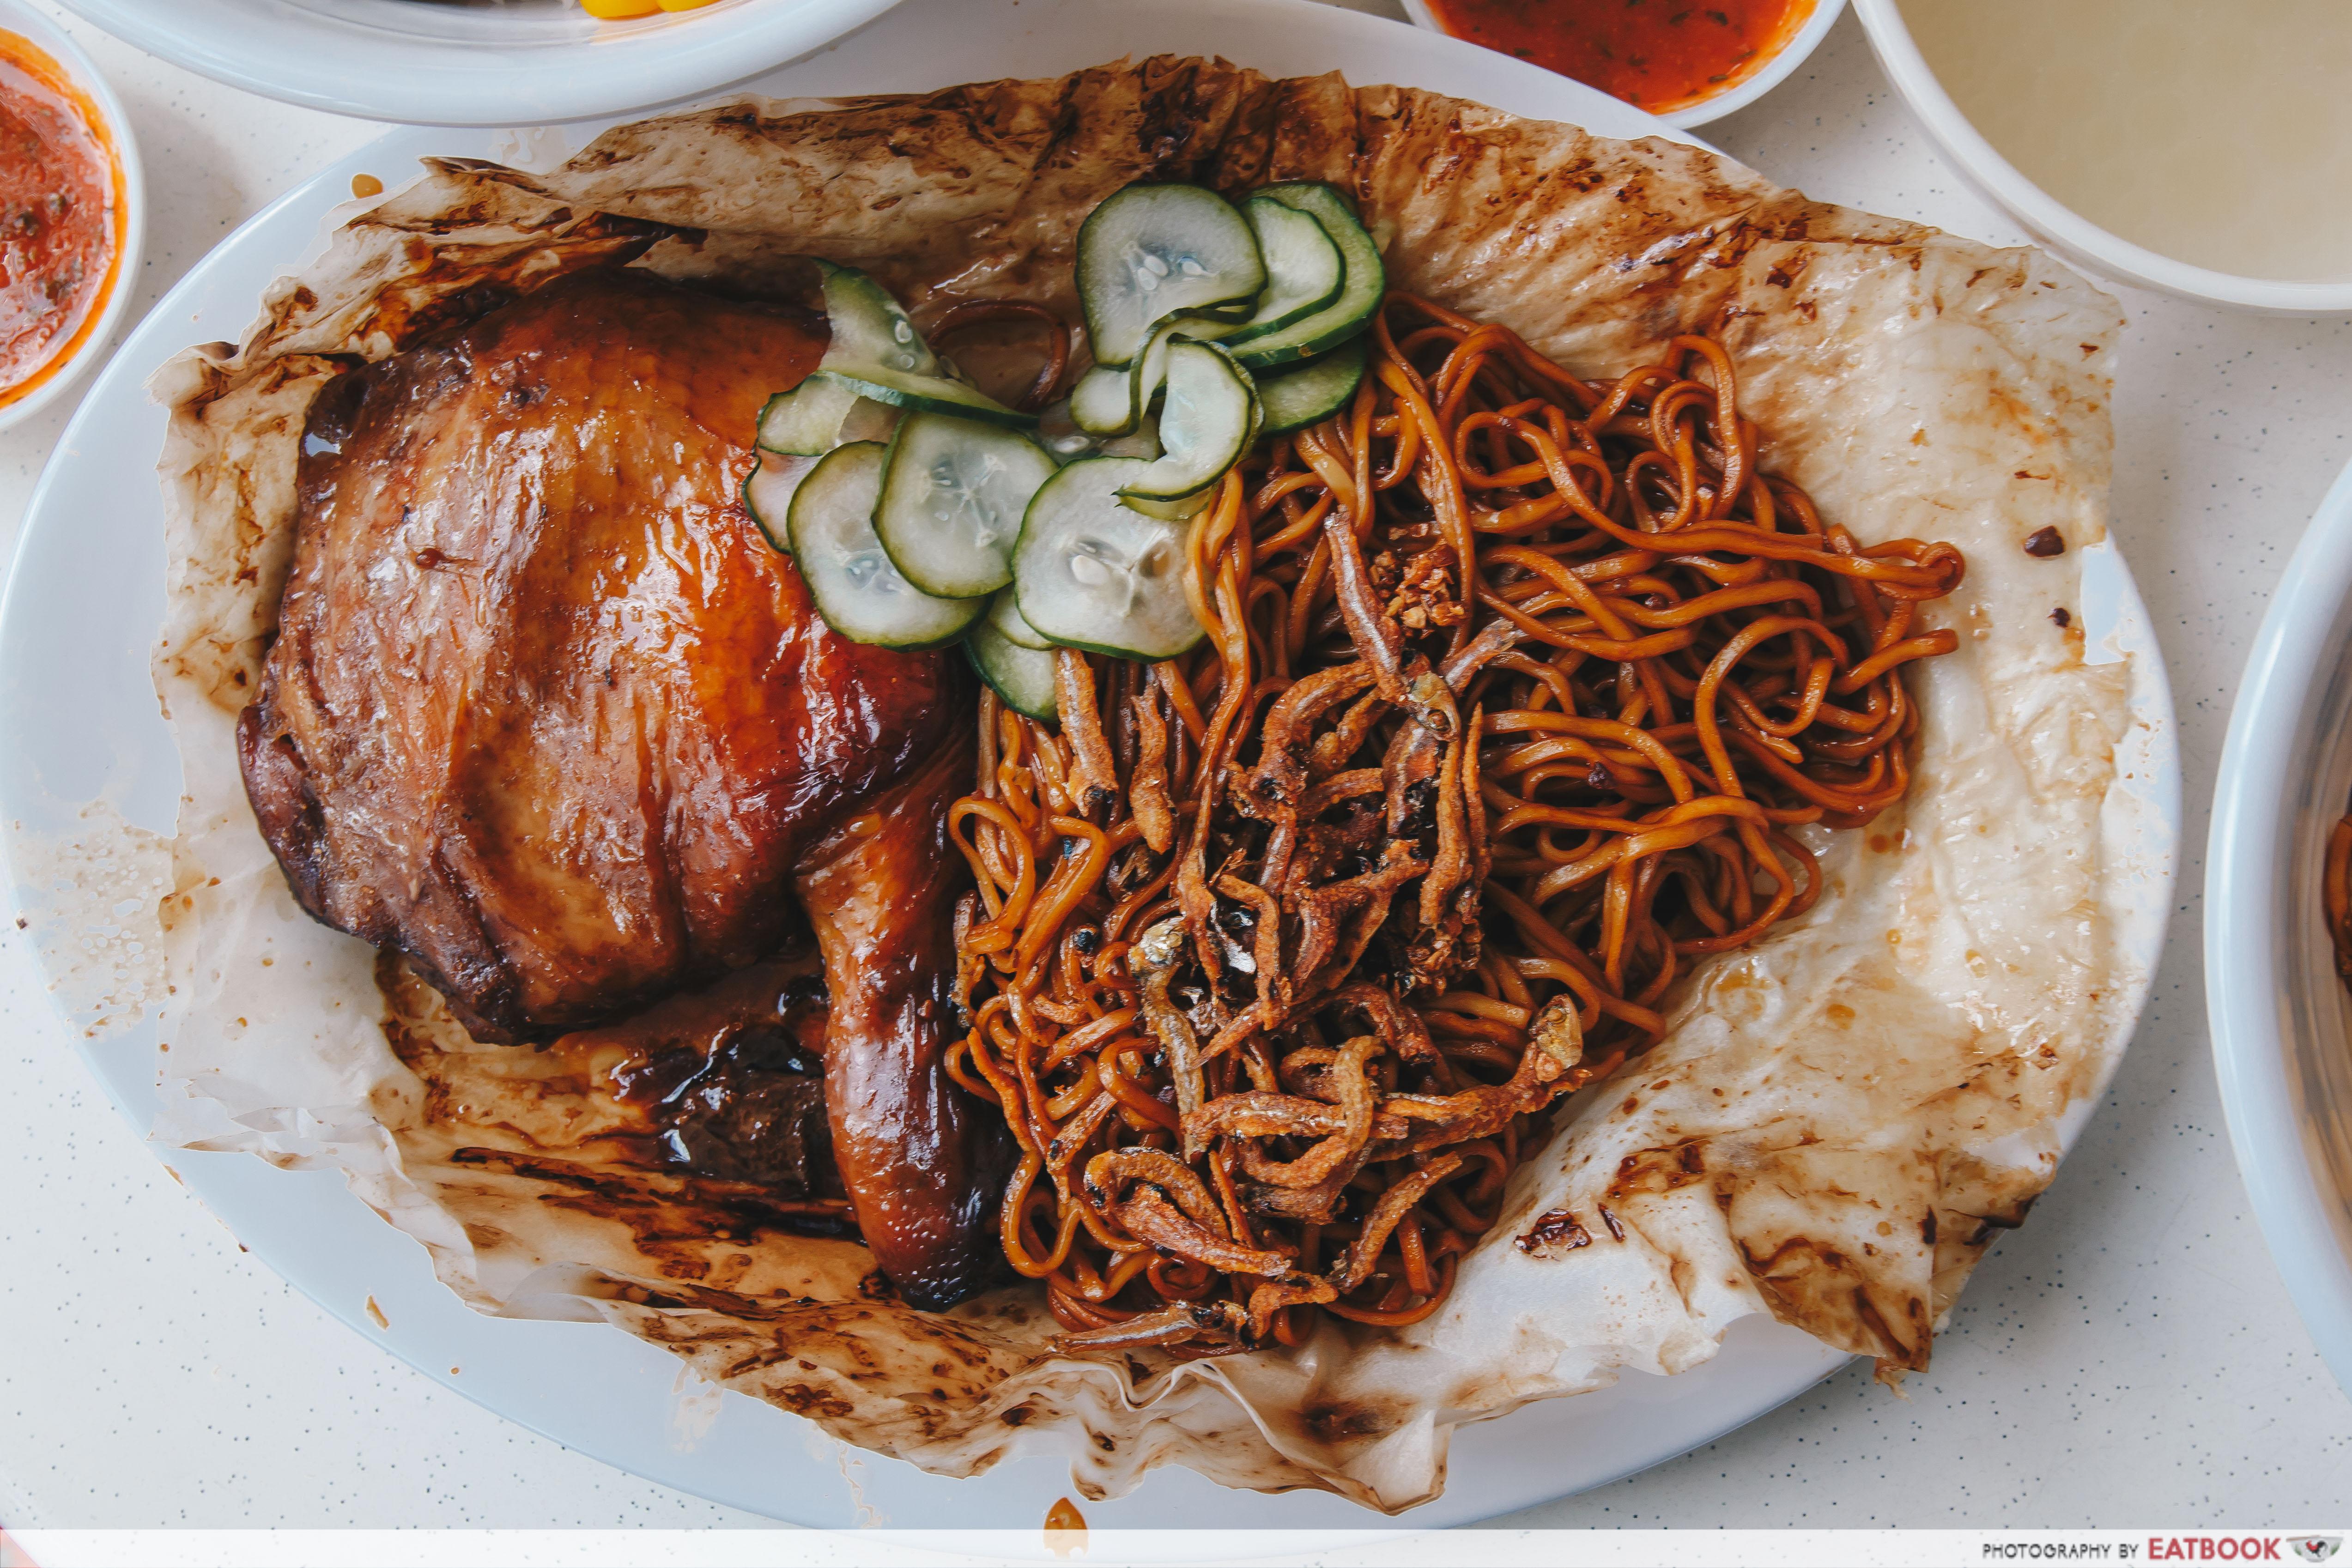 Sing HK Cafe - Signature Salt Baked Chicken Noodle